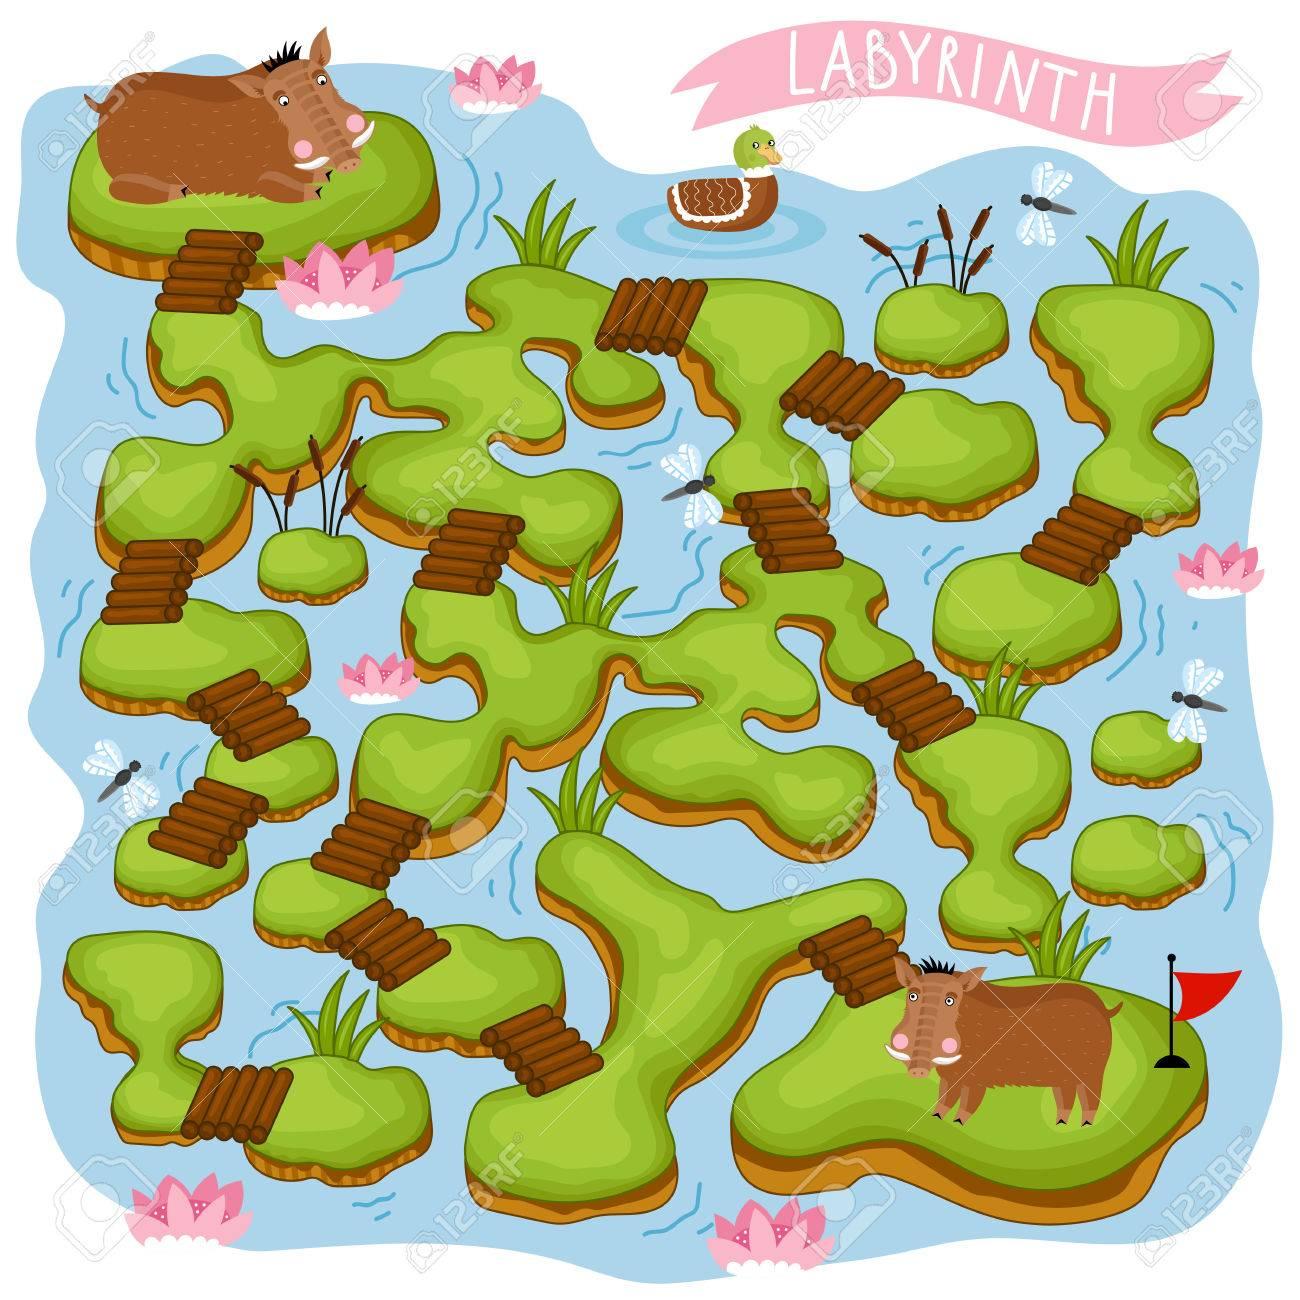 Maze Vecteur, Jeu De Labyrinthe. Maze Cartoon For Kids. Jeu Éducatif Pour  Les Enfants, Jeu Amusant. Vector Labyrinth. Logique Childrens Jeu. Aidez Le serapportantà Jeux Enfant Educatif